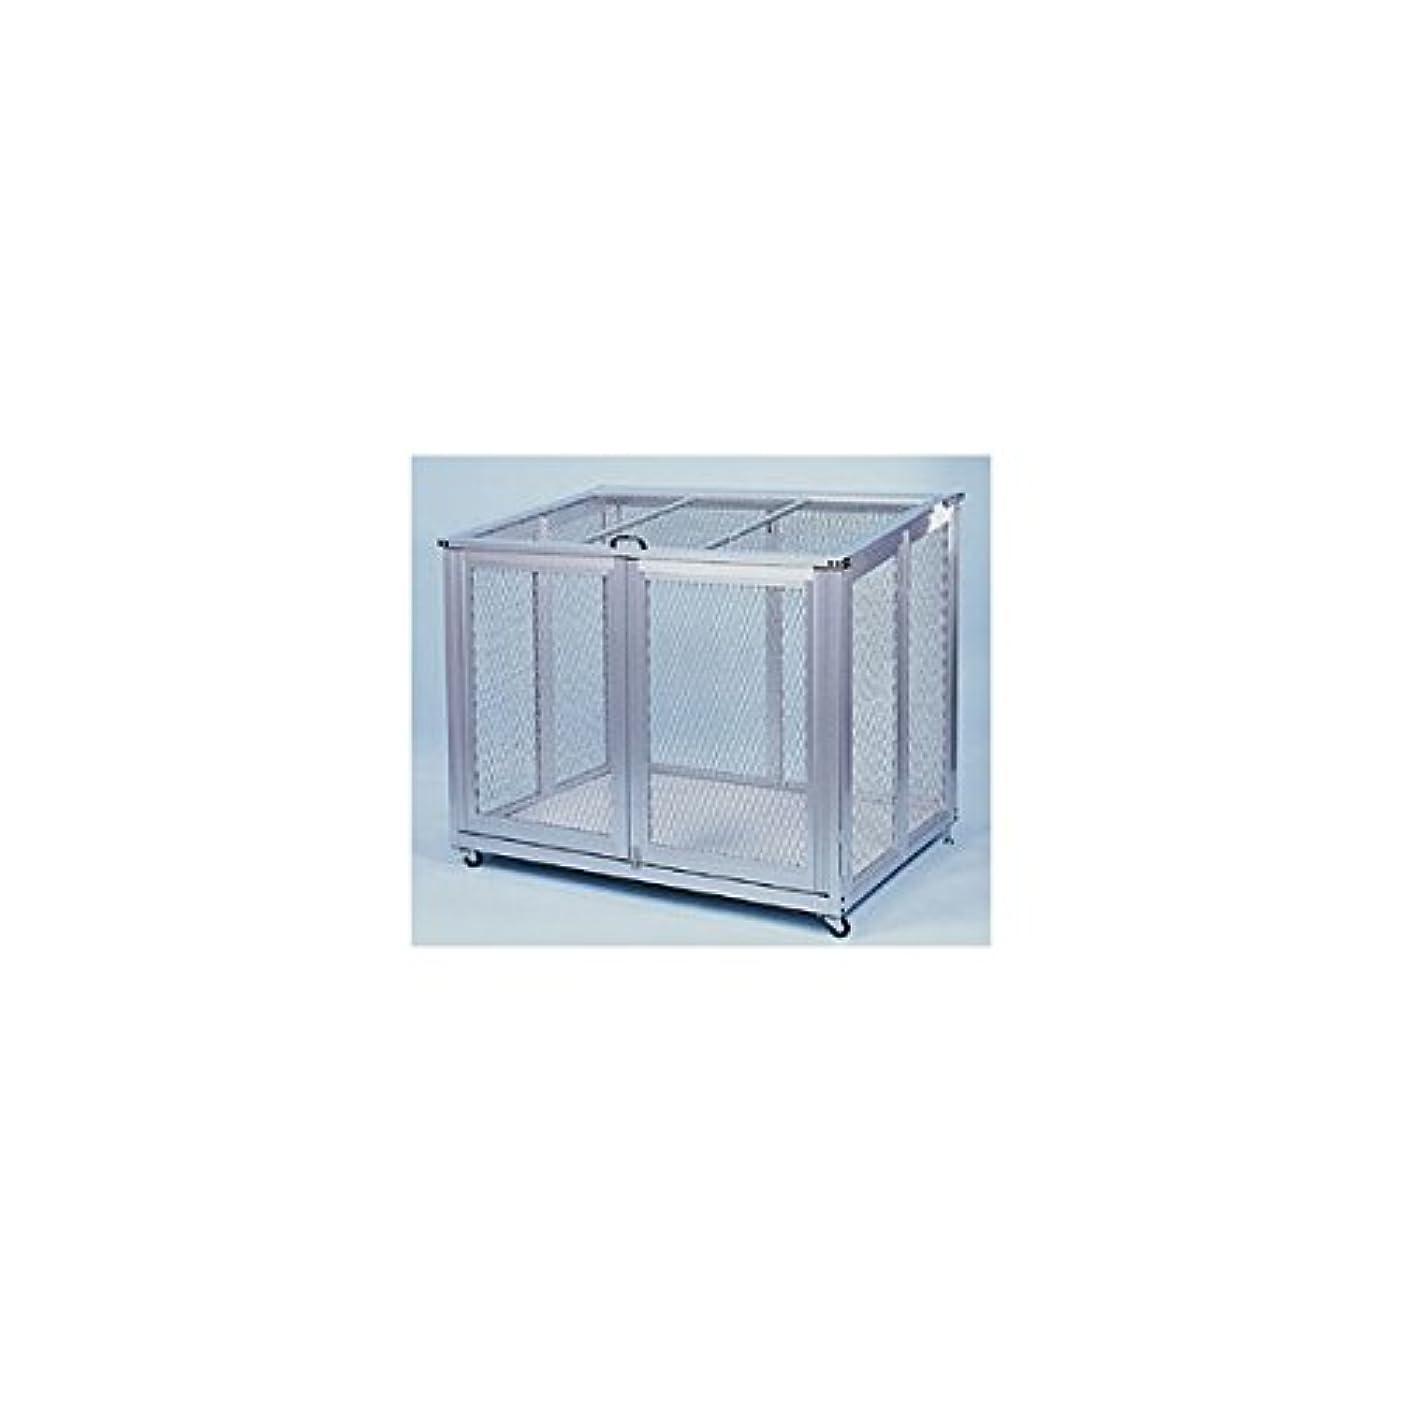 ホイストホイットニー道路カイスイマレン ジャンボアルミメッシュ AT-910 『ゴミ袋(45L)集積目安 20袋、世帯数目安 10世帯』 『ゴミ収集庫』 シルバー